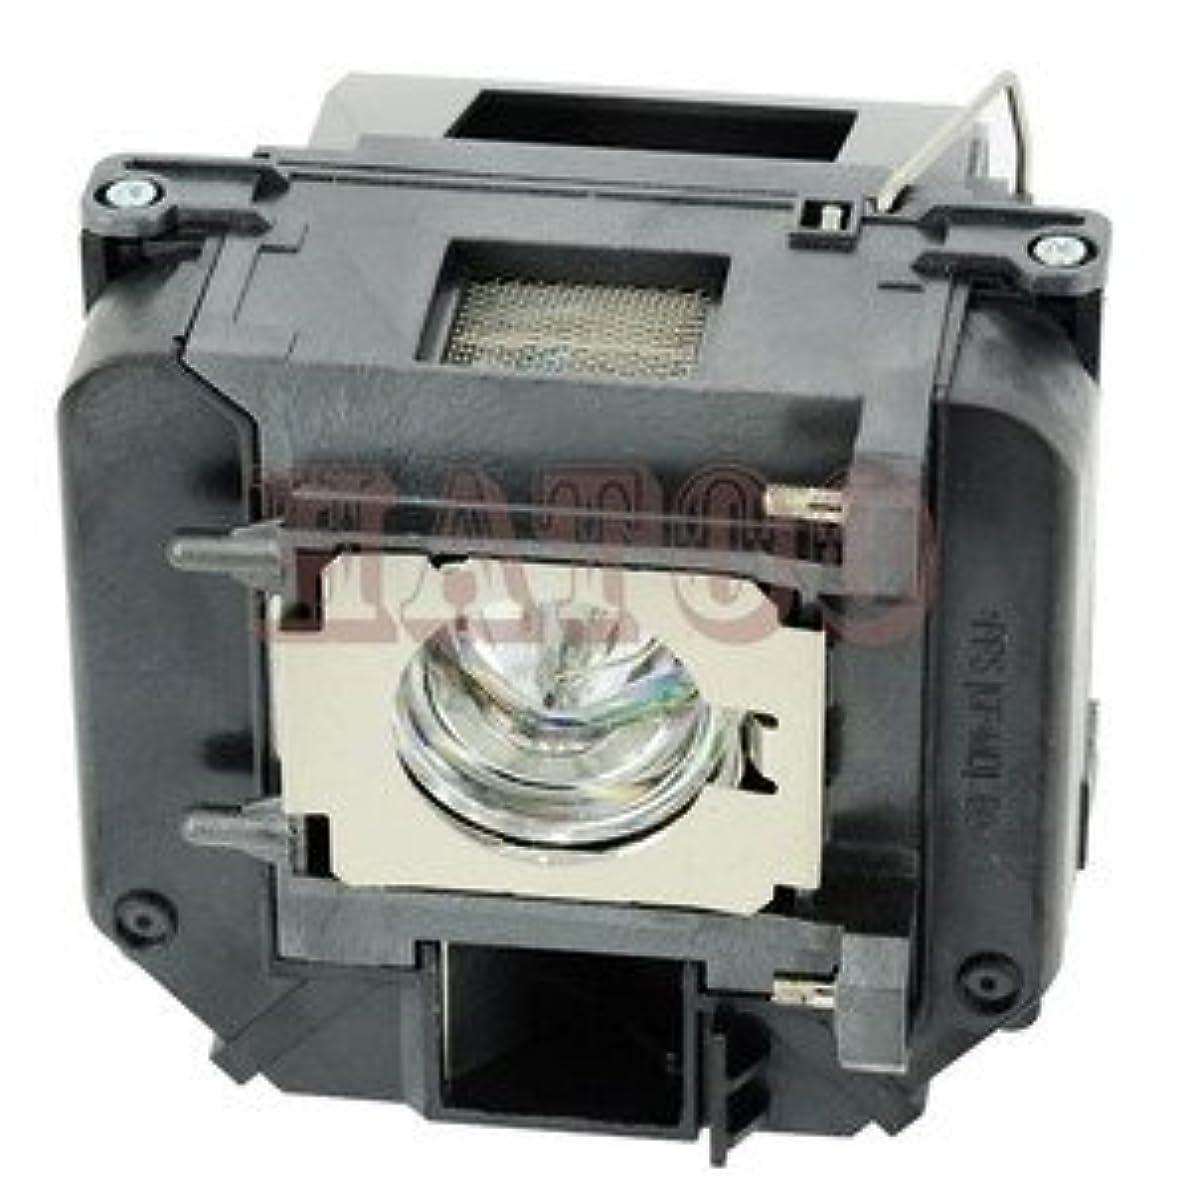 ローラーメガロポリス偽造EPSON エプソン EB-935W用ランプ ELPLP64 プロジェクター交換用ランプ